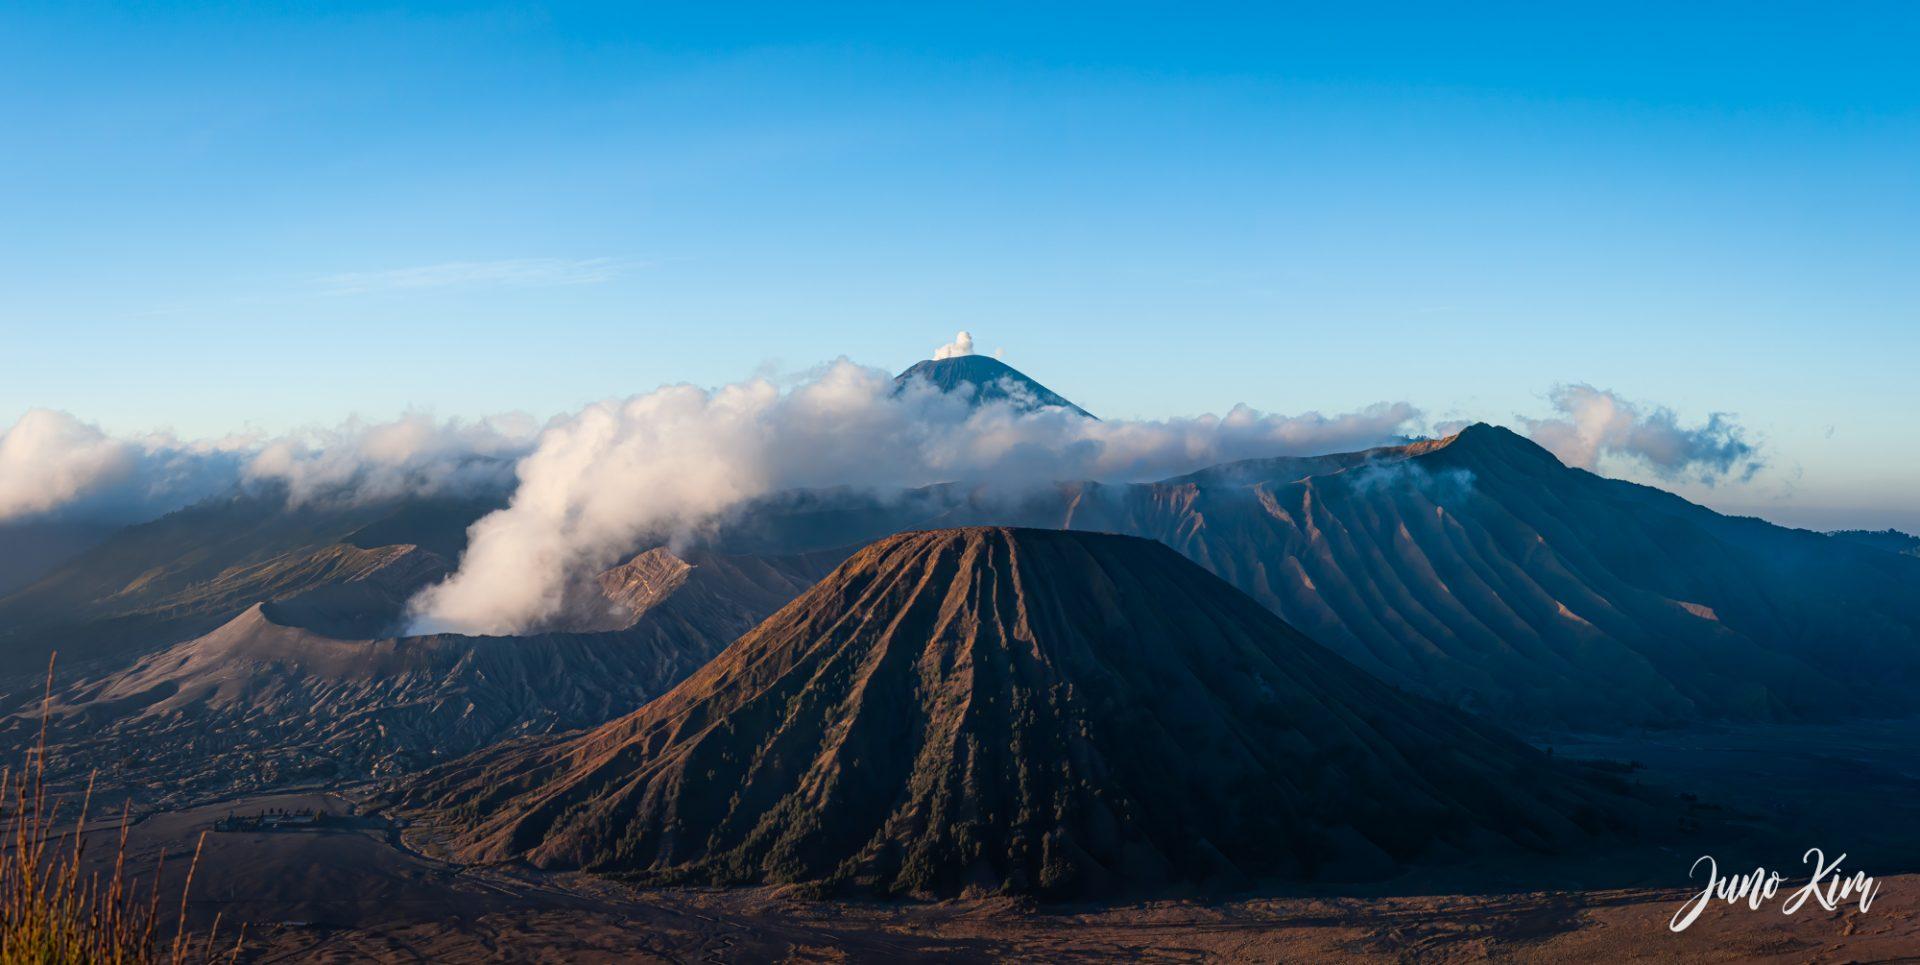 在爪哇的阳光下。日出时的布罗莫山